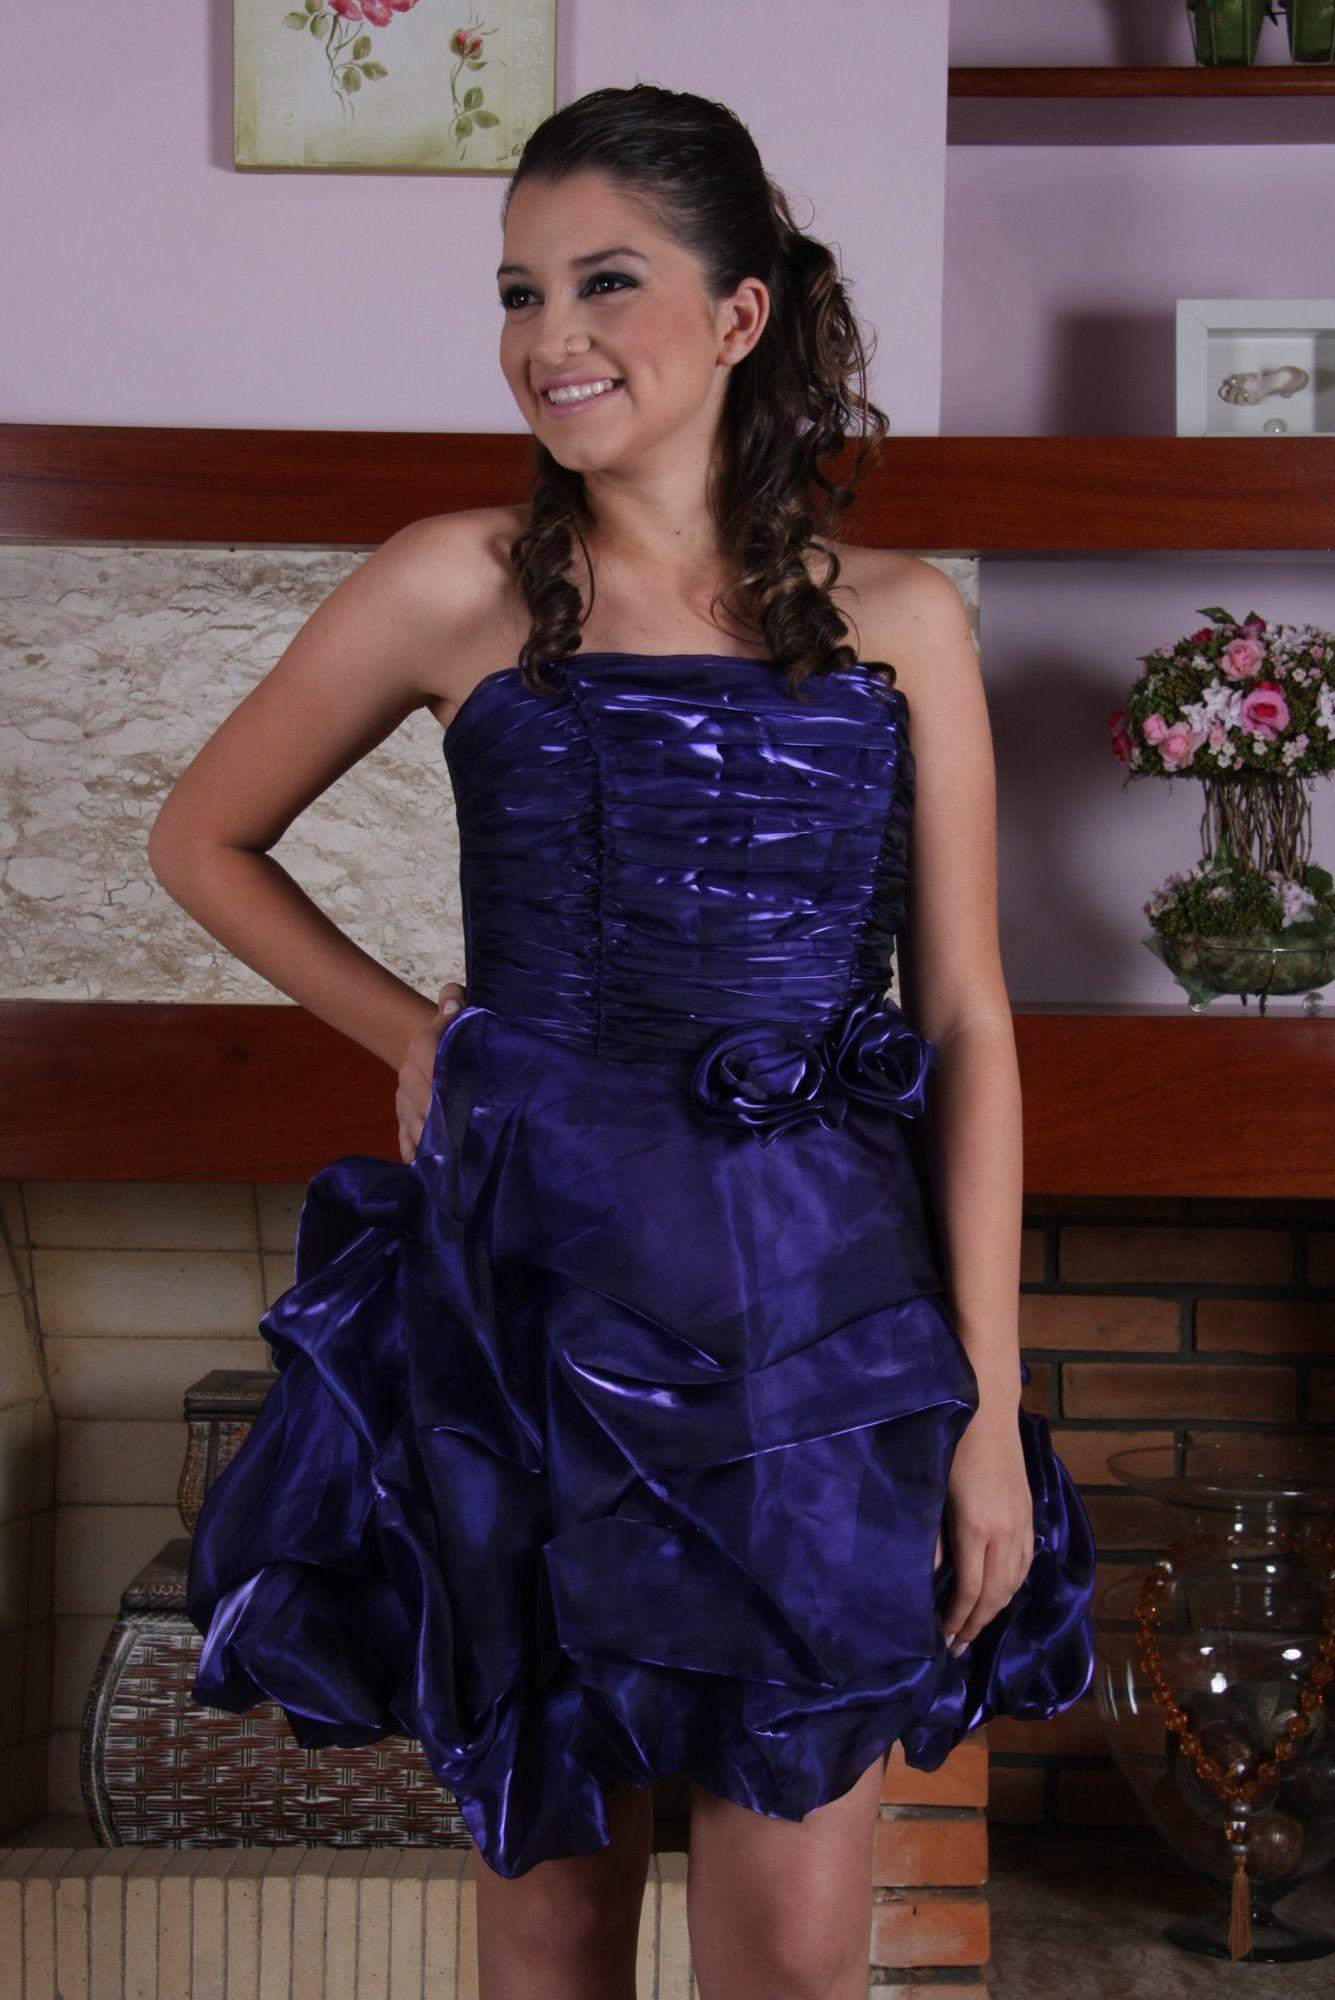 Vestido de Debutante Azul - 8 - Hipnose Alta Costura e Spa para Noivas e Noivos - Campinas - SP Vestido de Debutante, Vestido de Debutante Azul, Hipnose Alta Costura